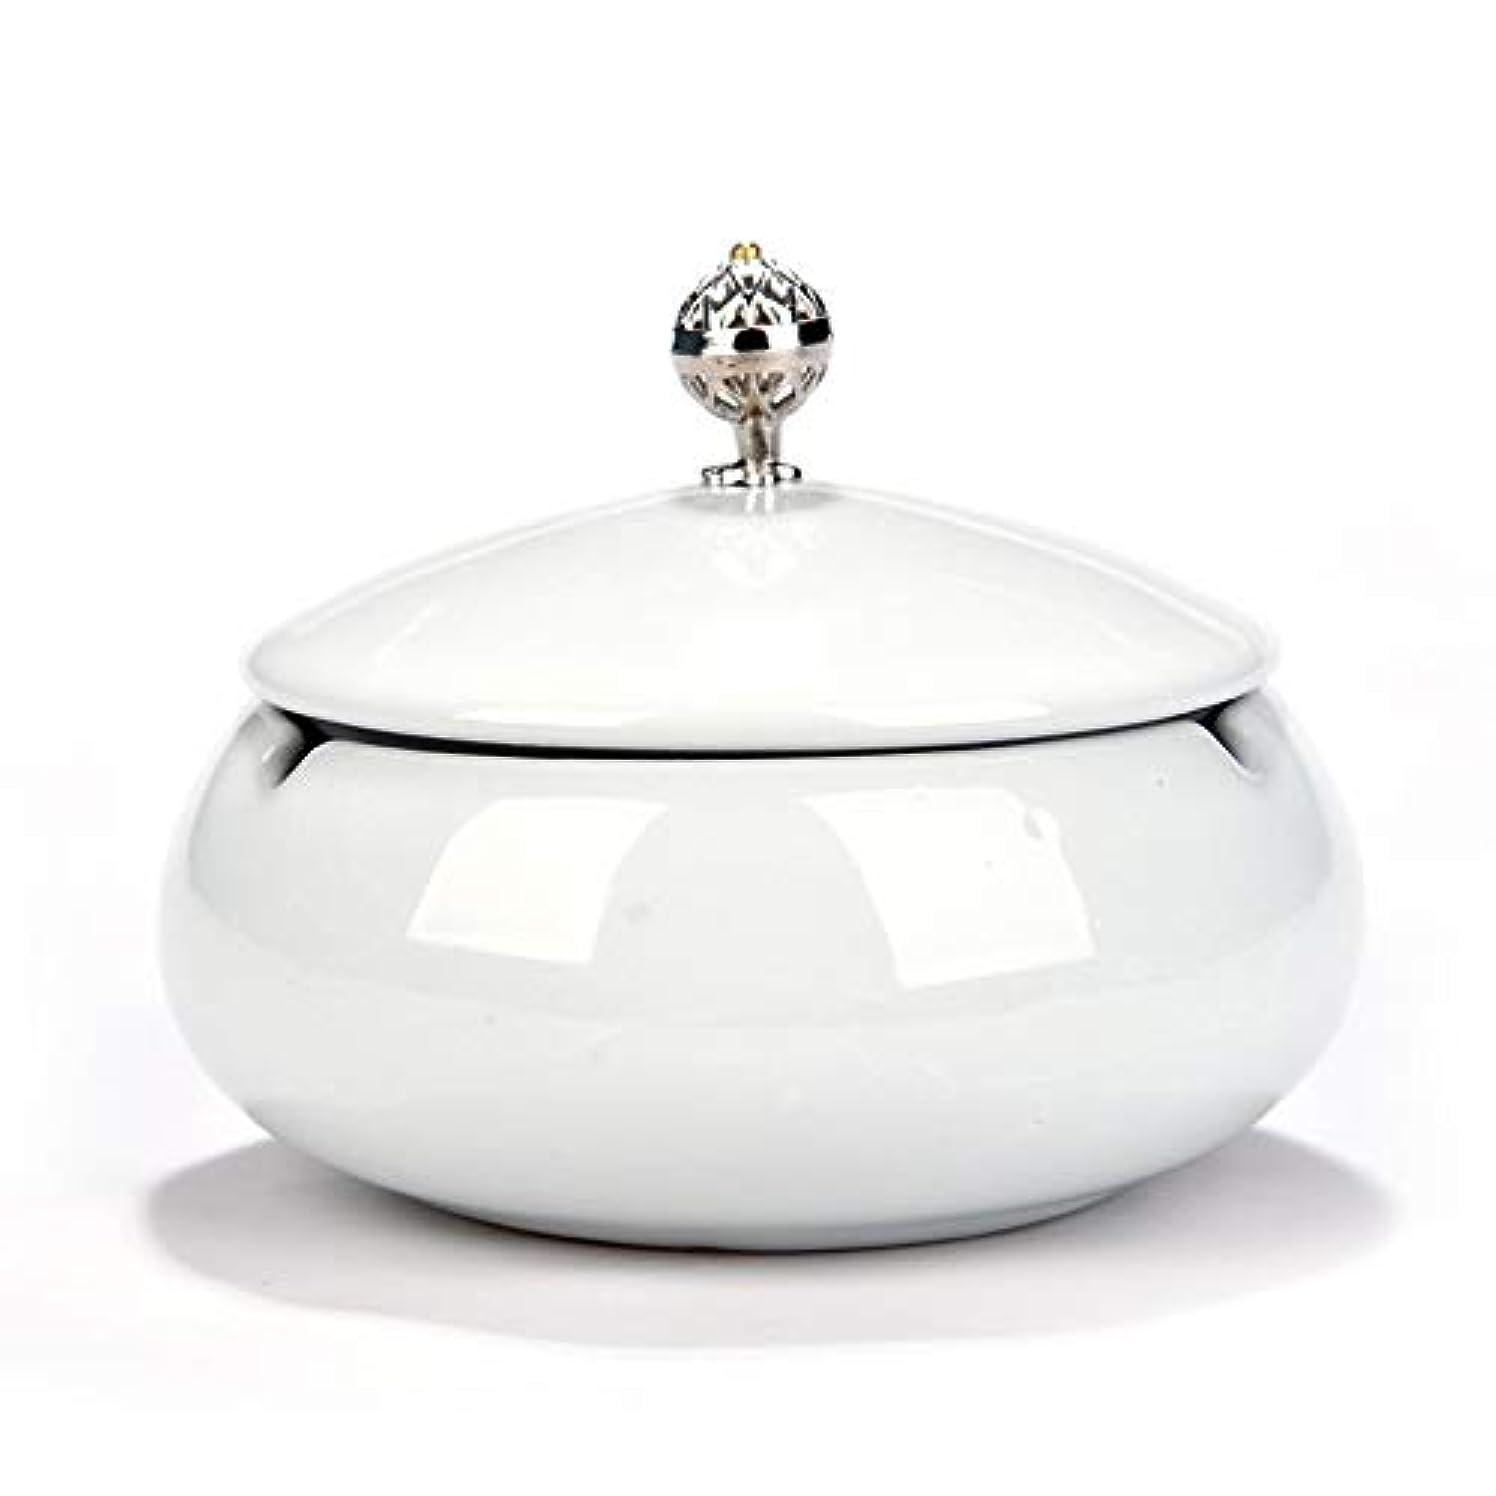 ジーンズブローホールオセアニアタバコ、ギフトおよび総本店の装飾のための円形の光沢のあるセラミック灰皿 (色 : 白)